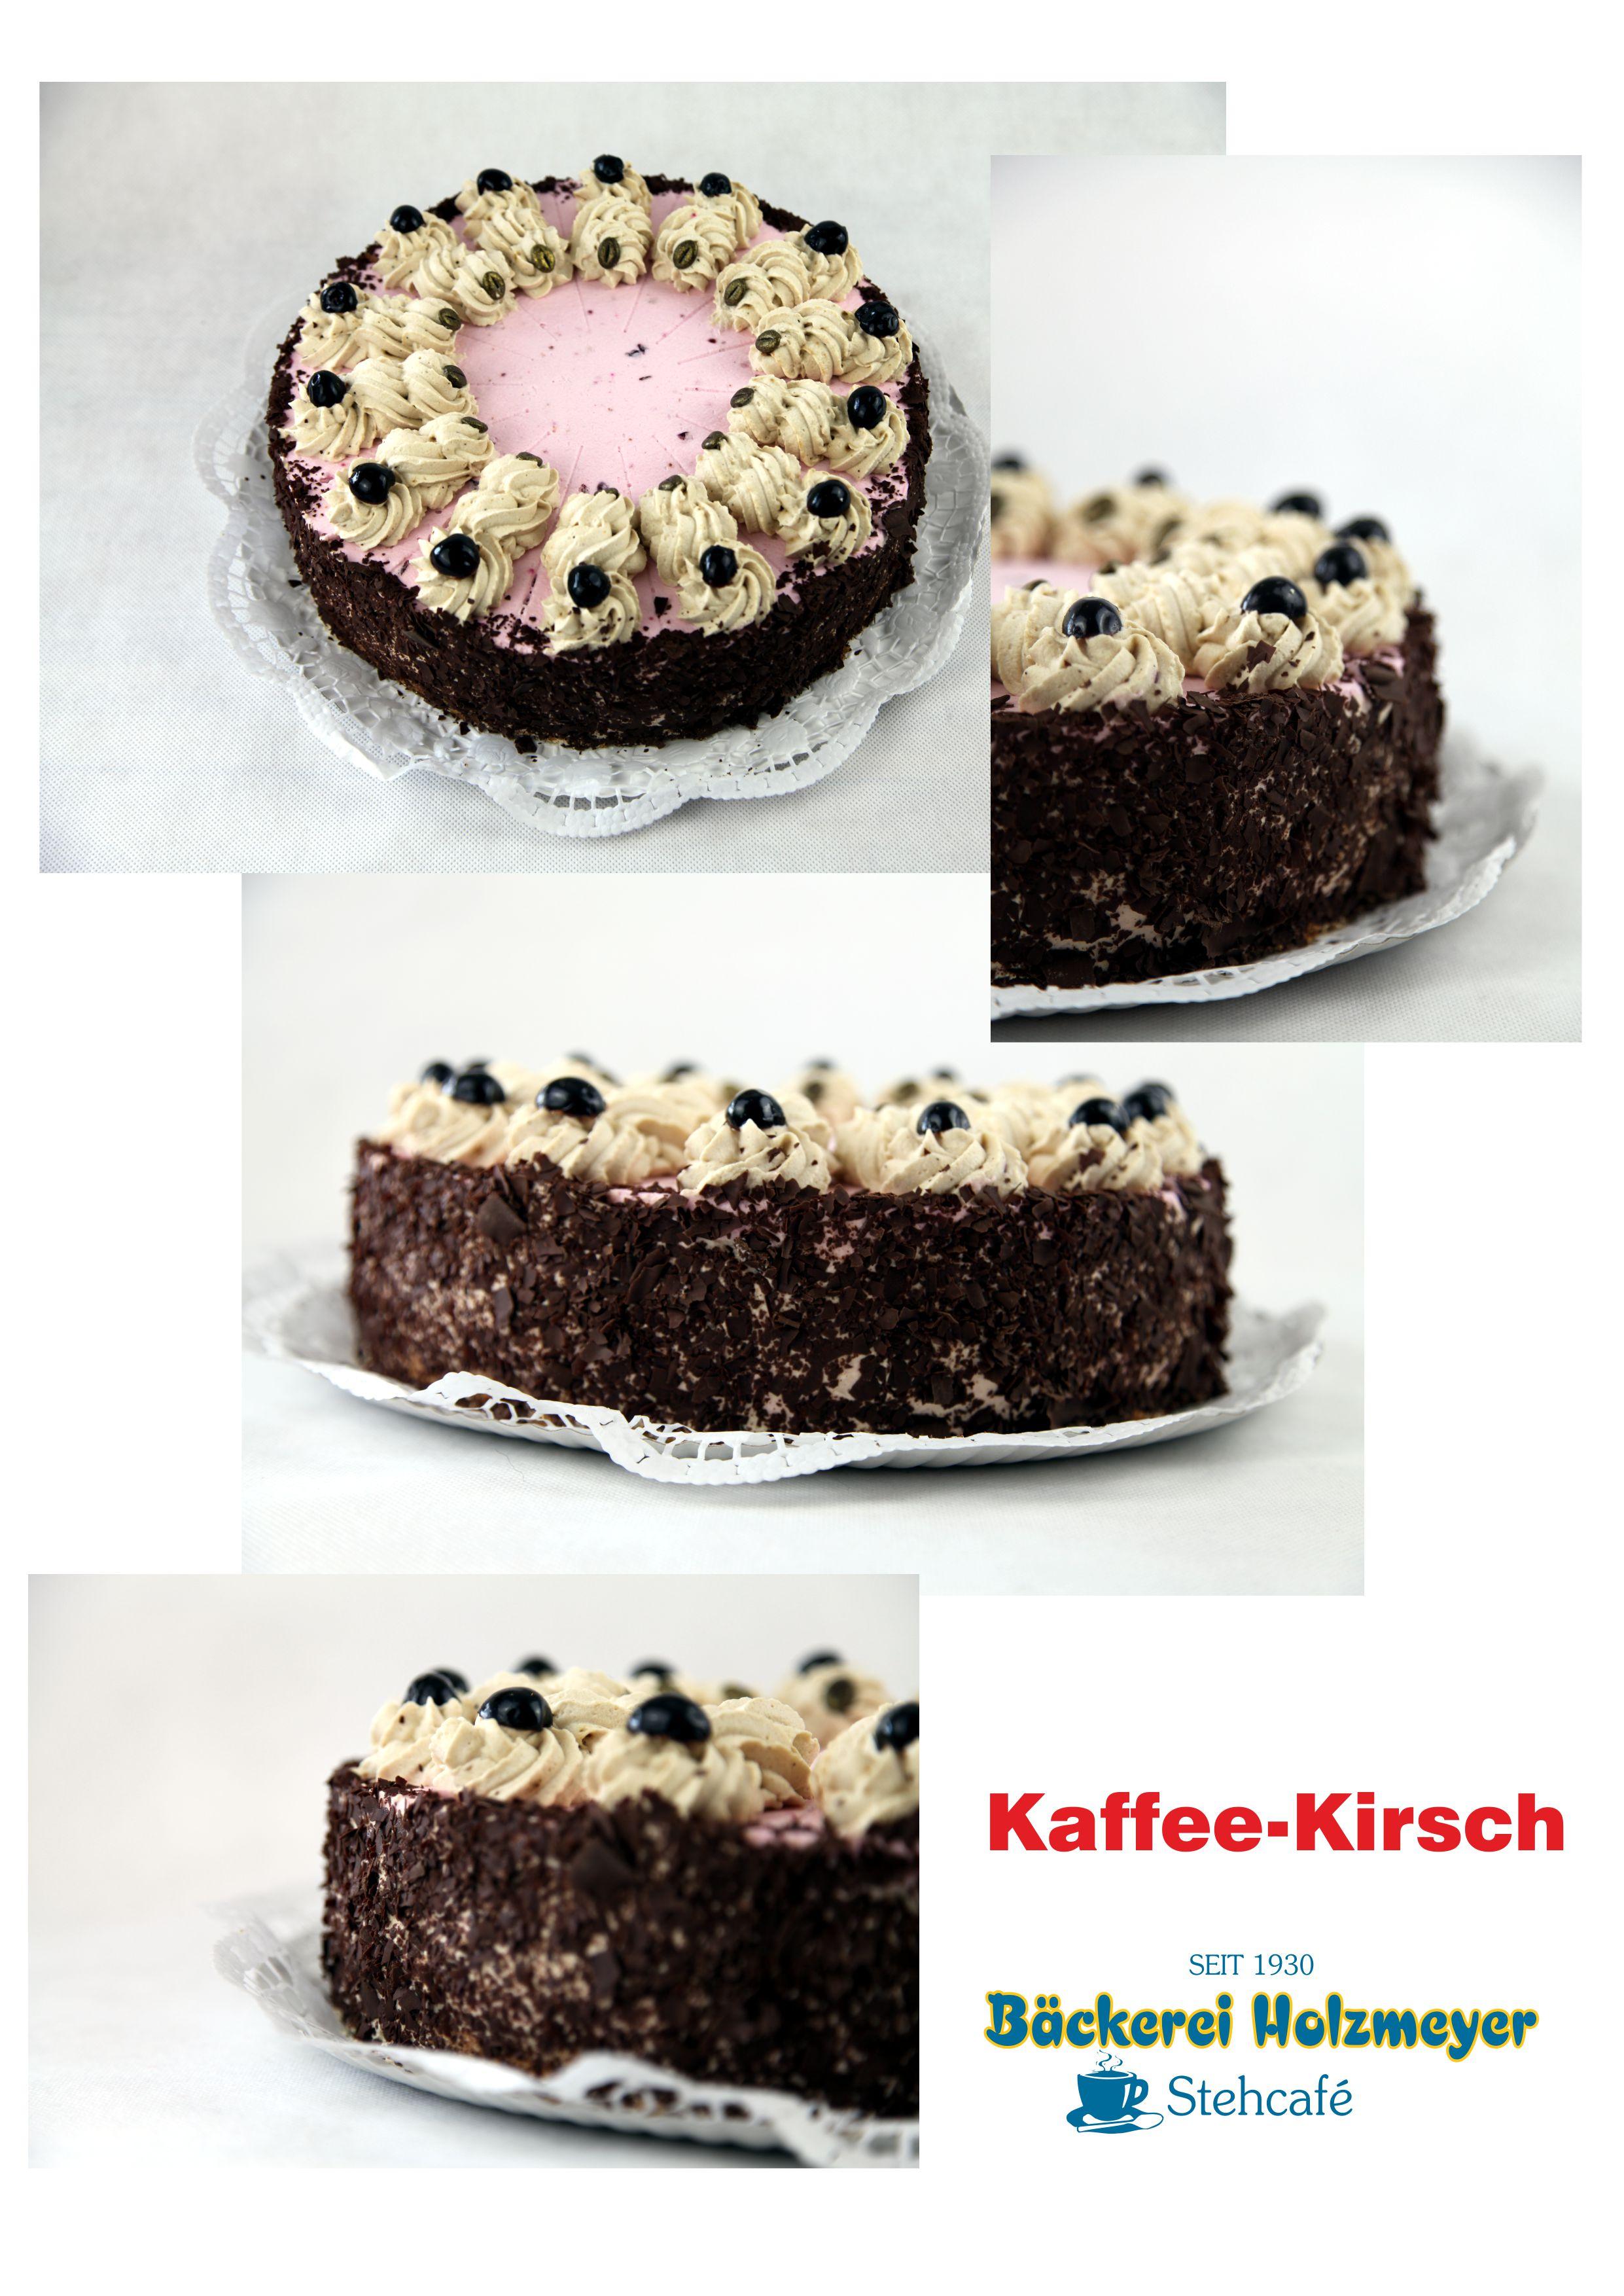 Kaffee-Kirsch